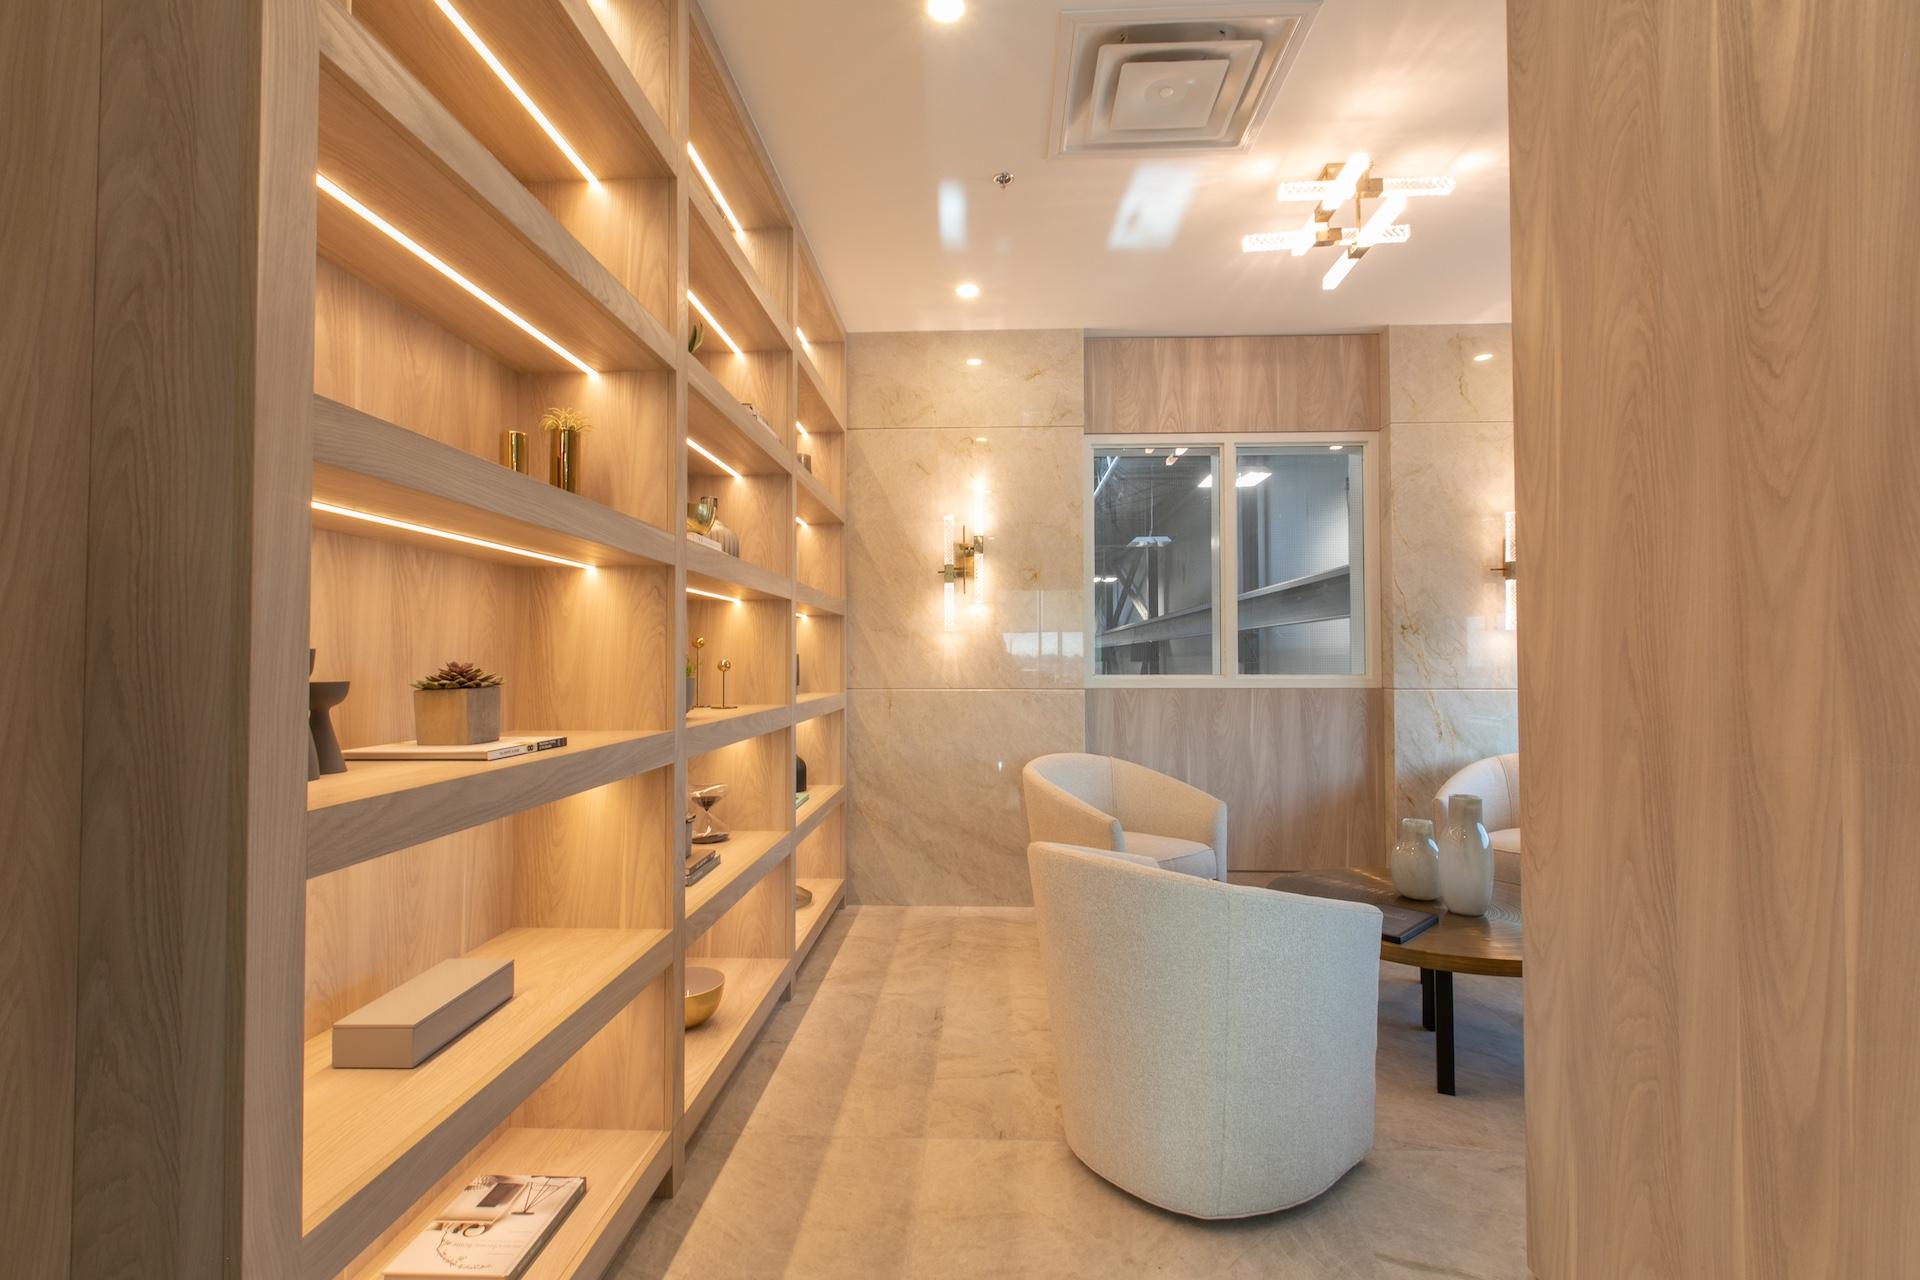 wood wall shelves